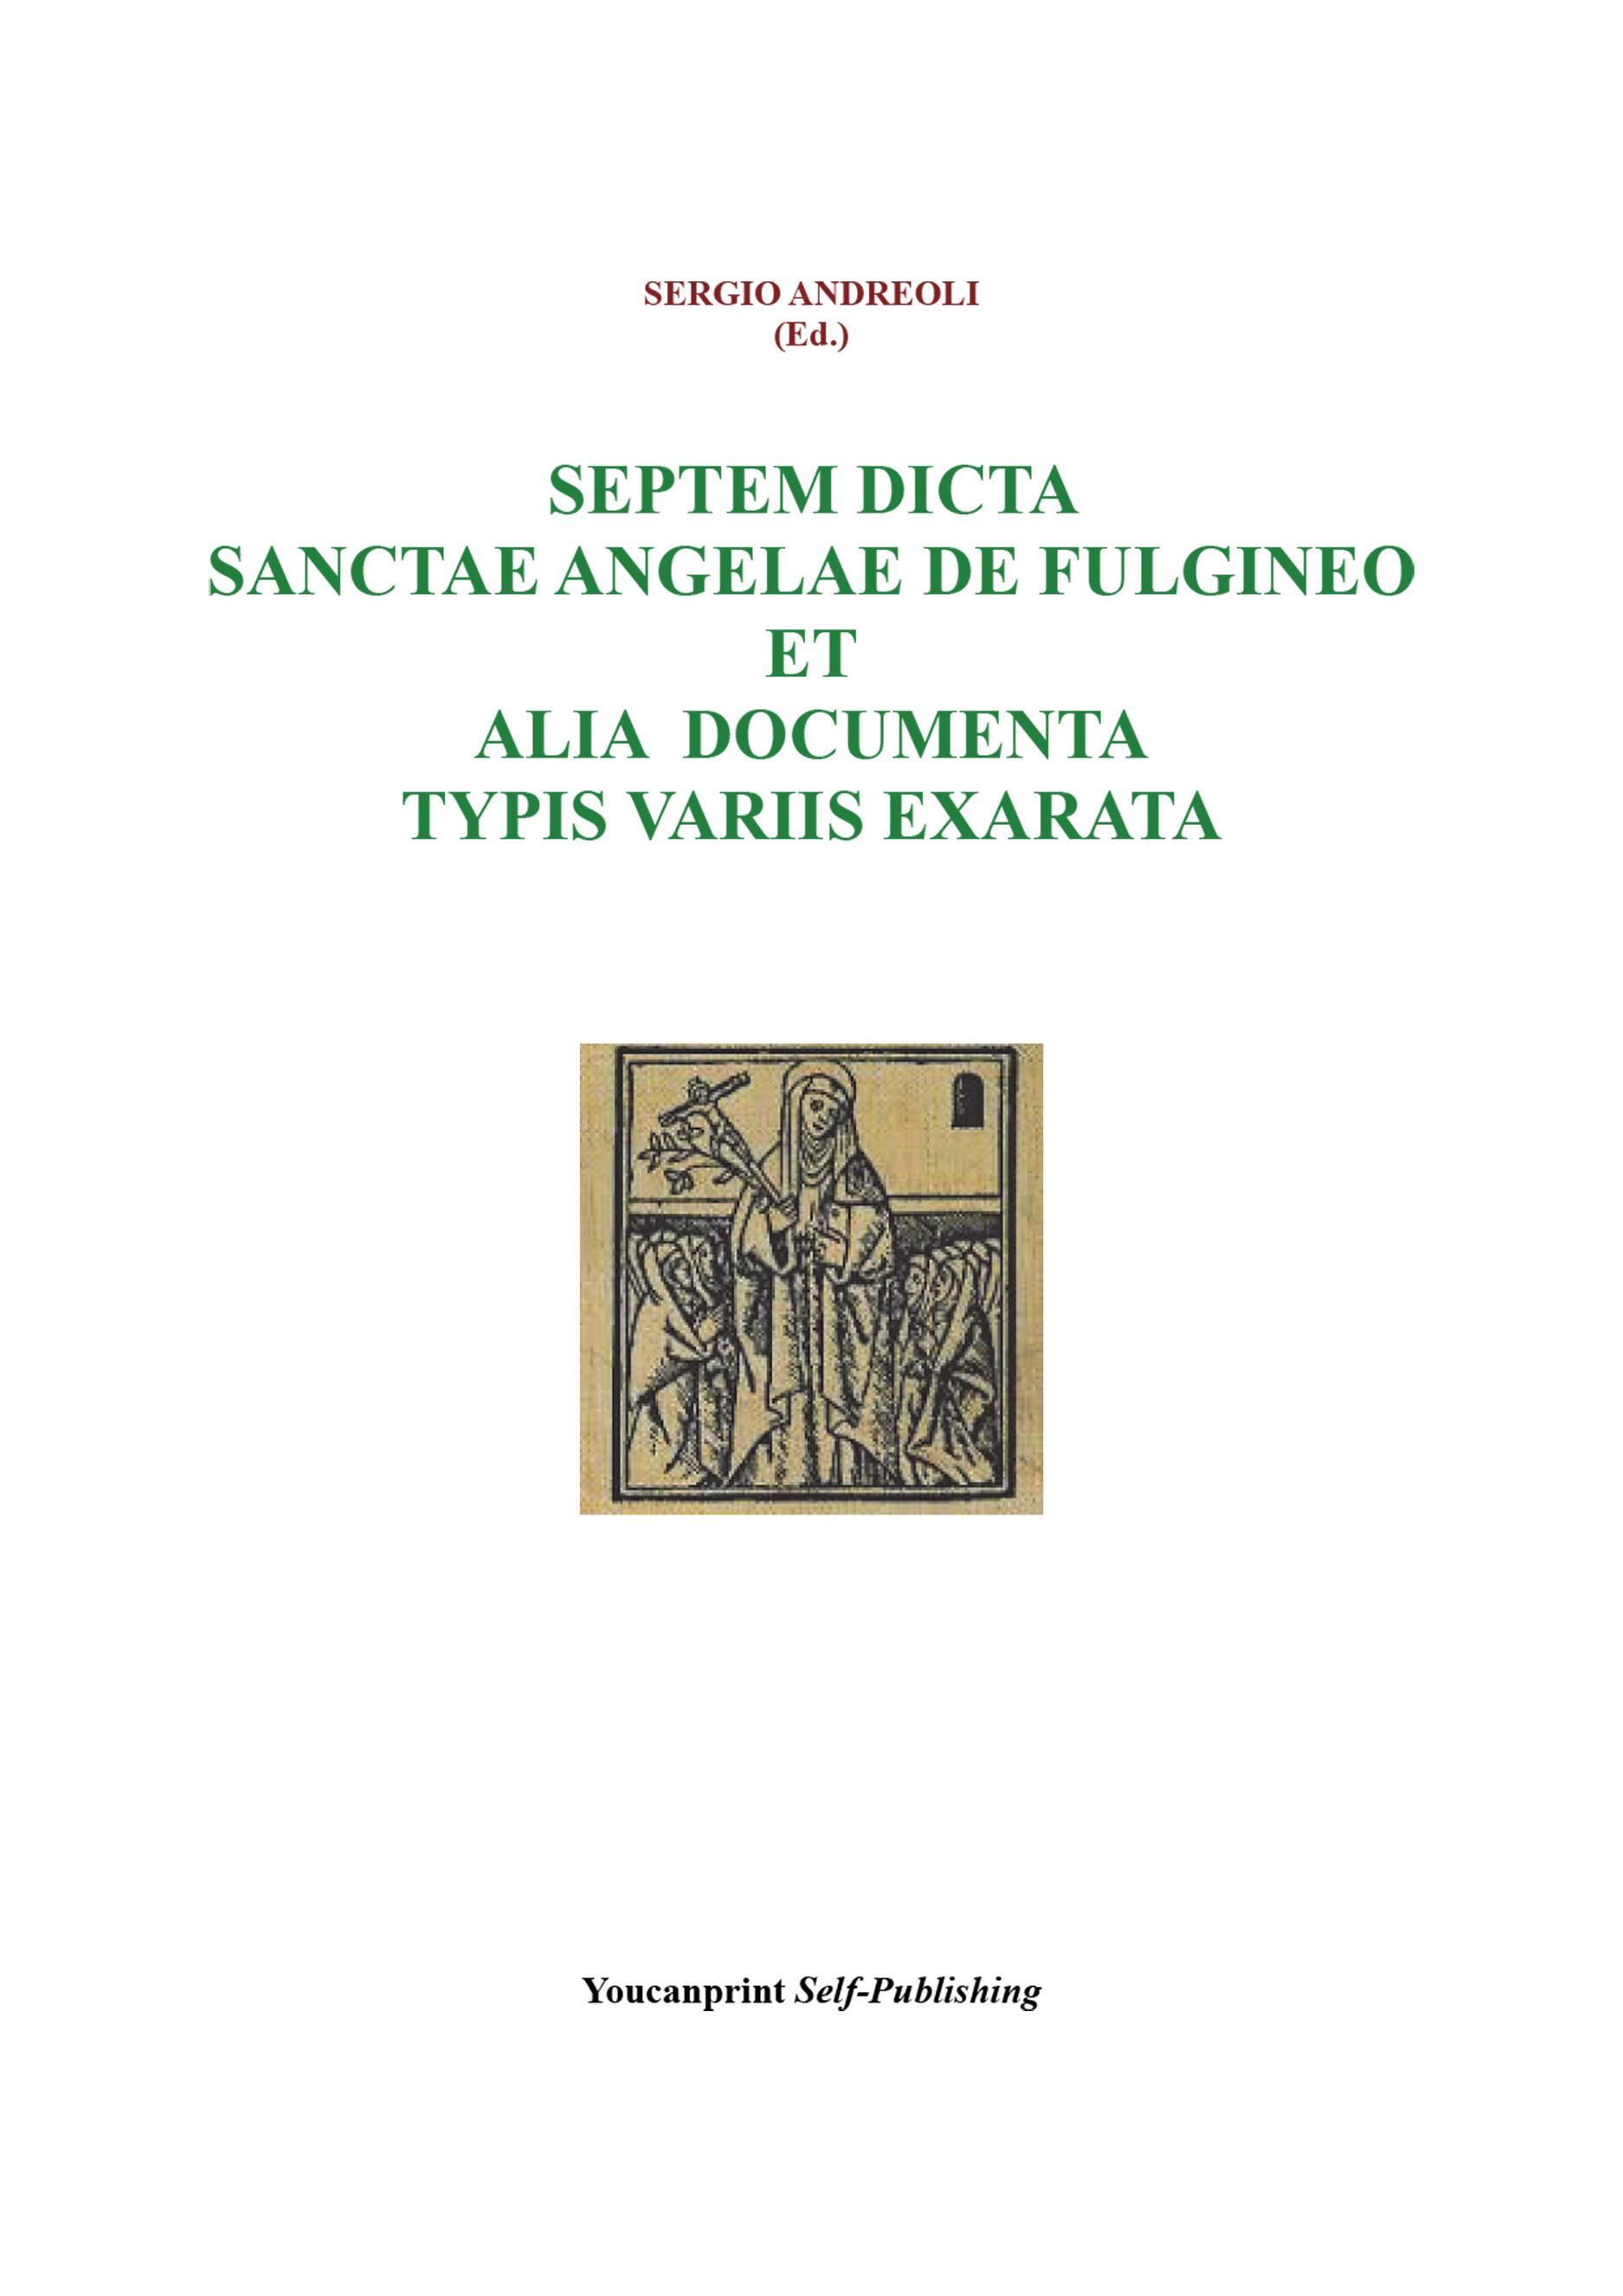 Septem dicta Sanctae Angelae De Fulgineo et alia documenta typis variis exarata